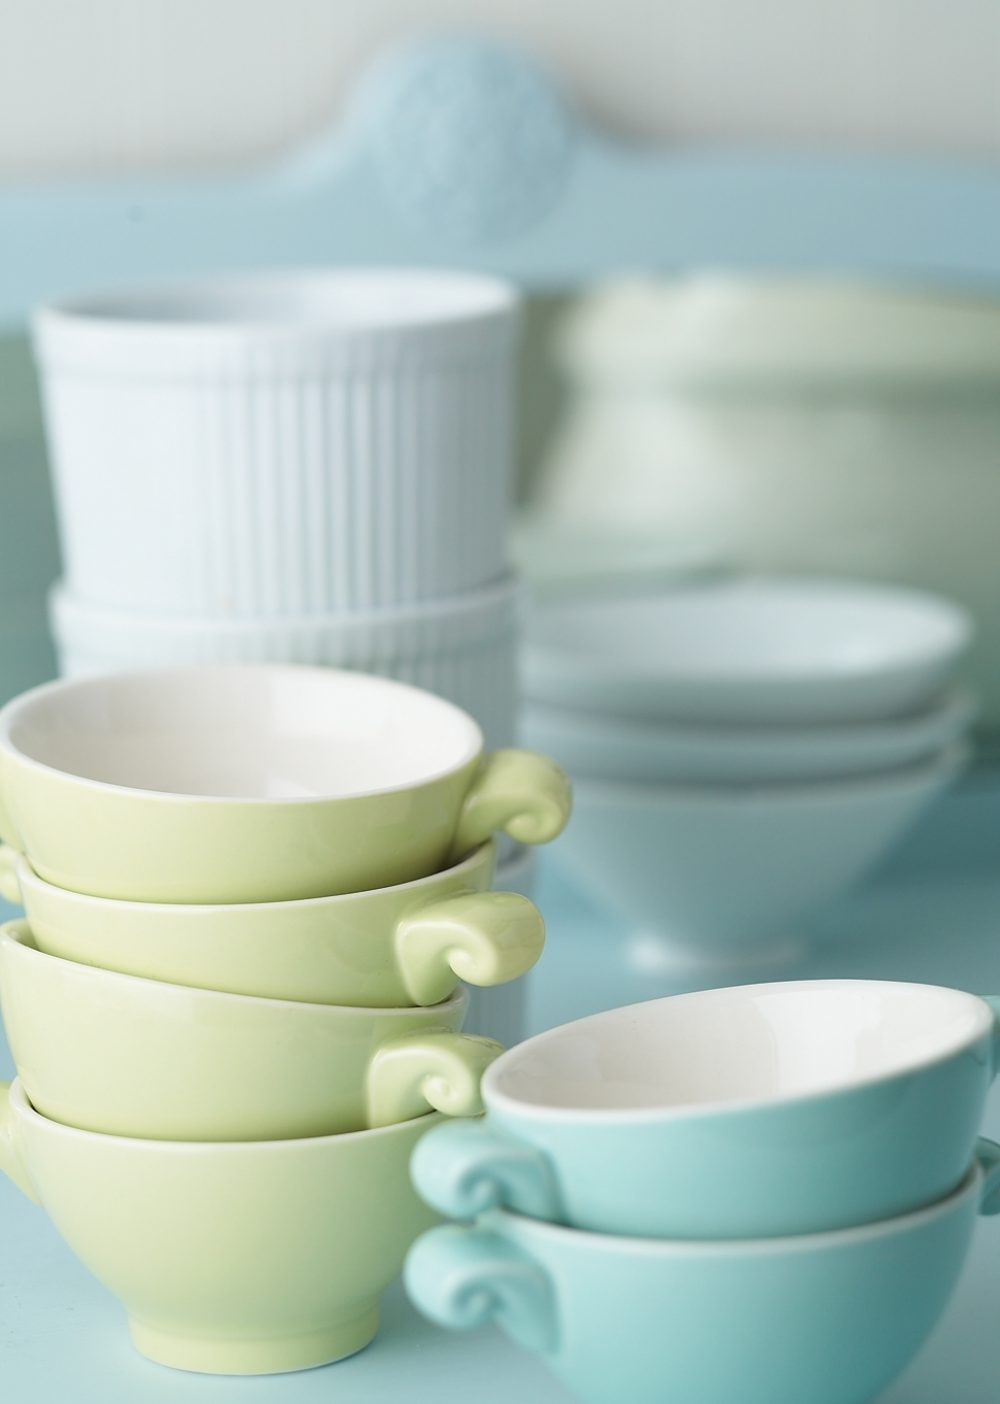 Empty soup bowls